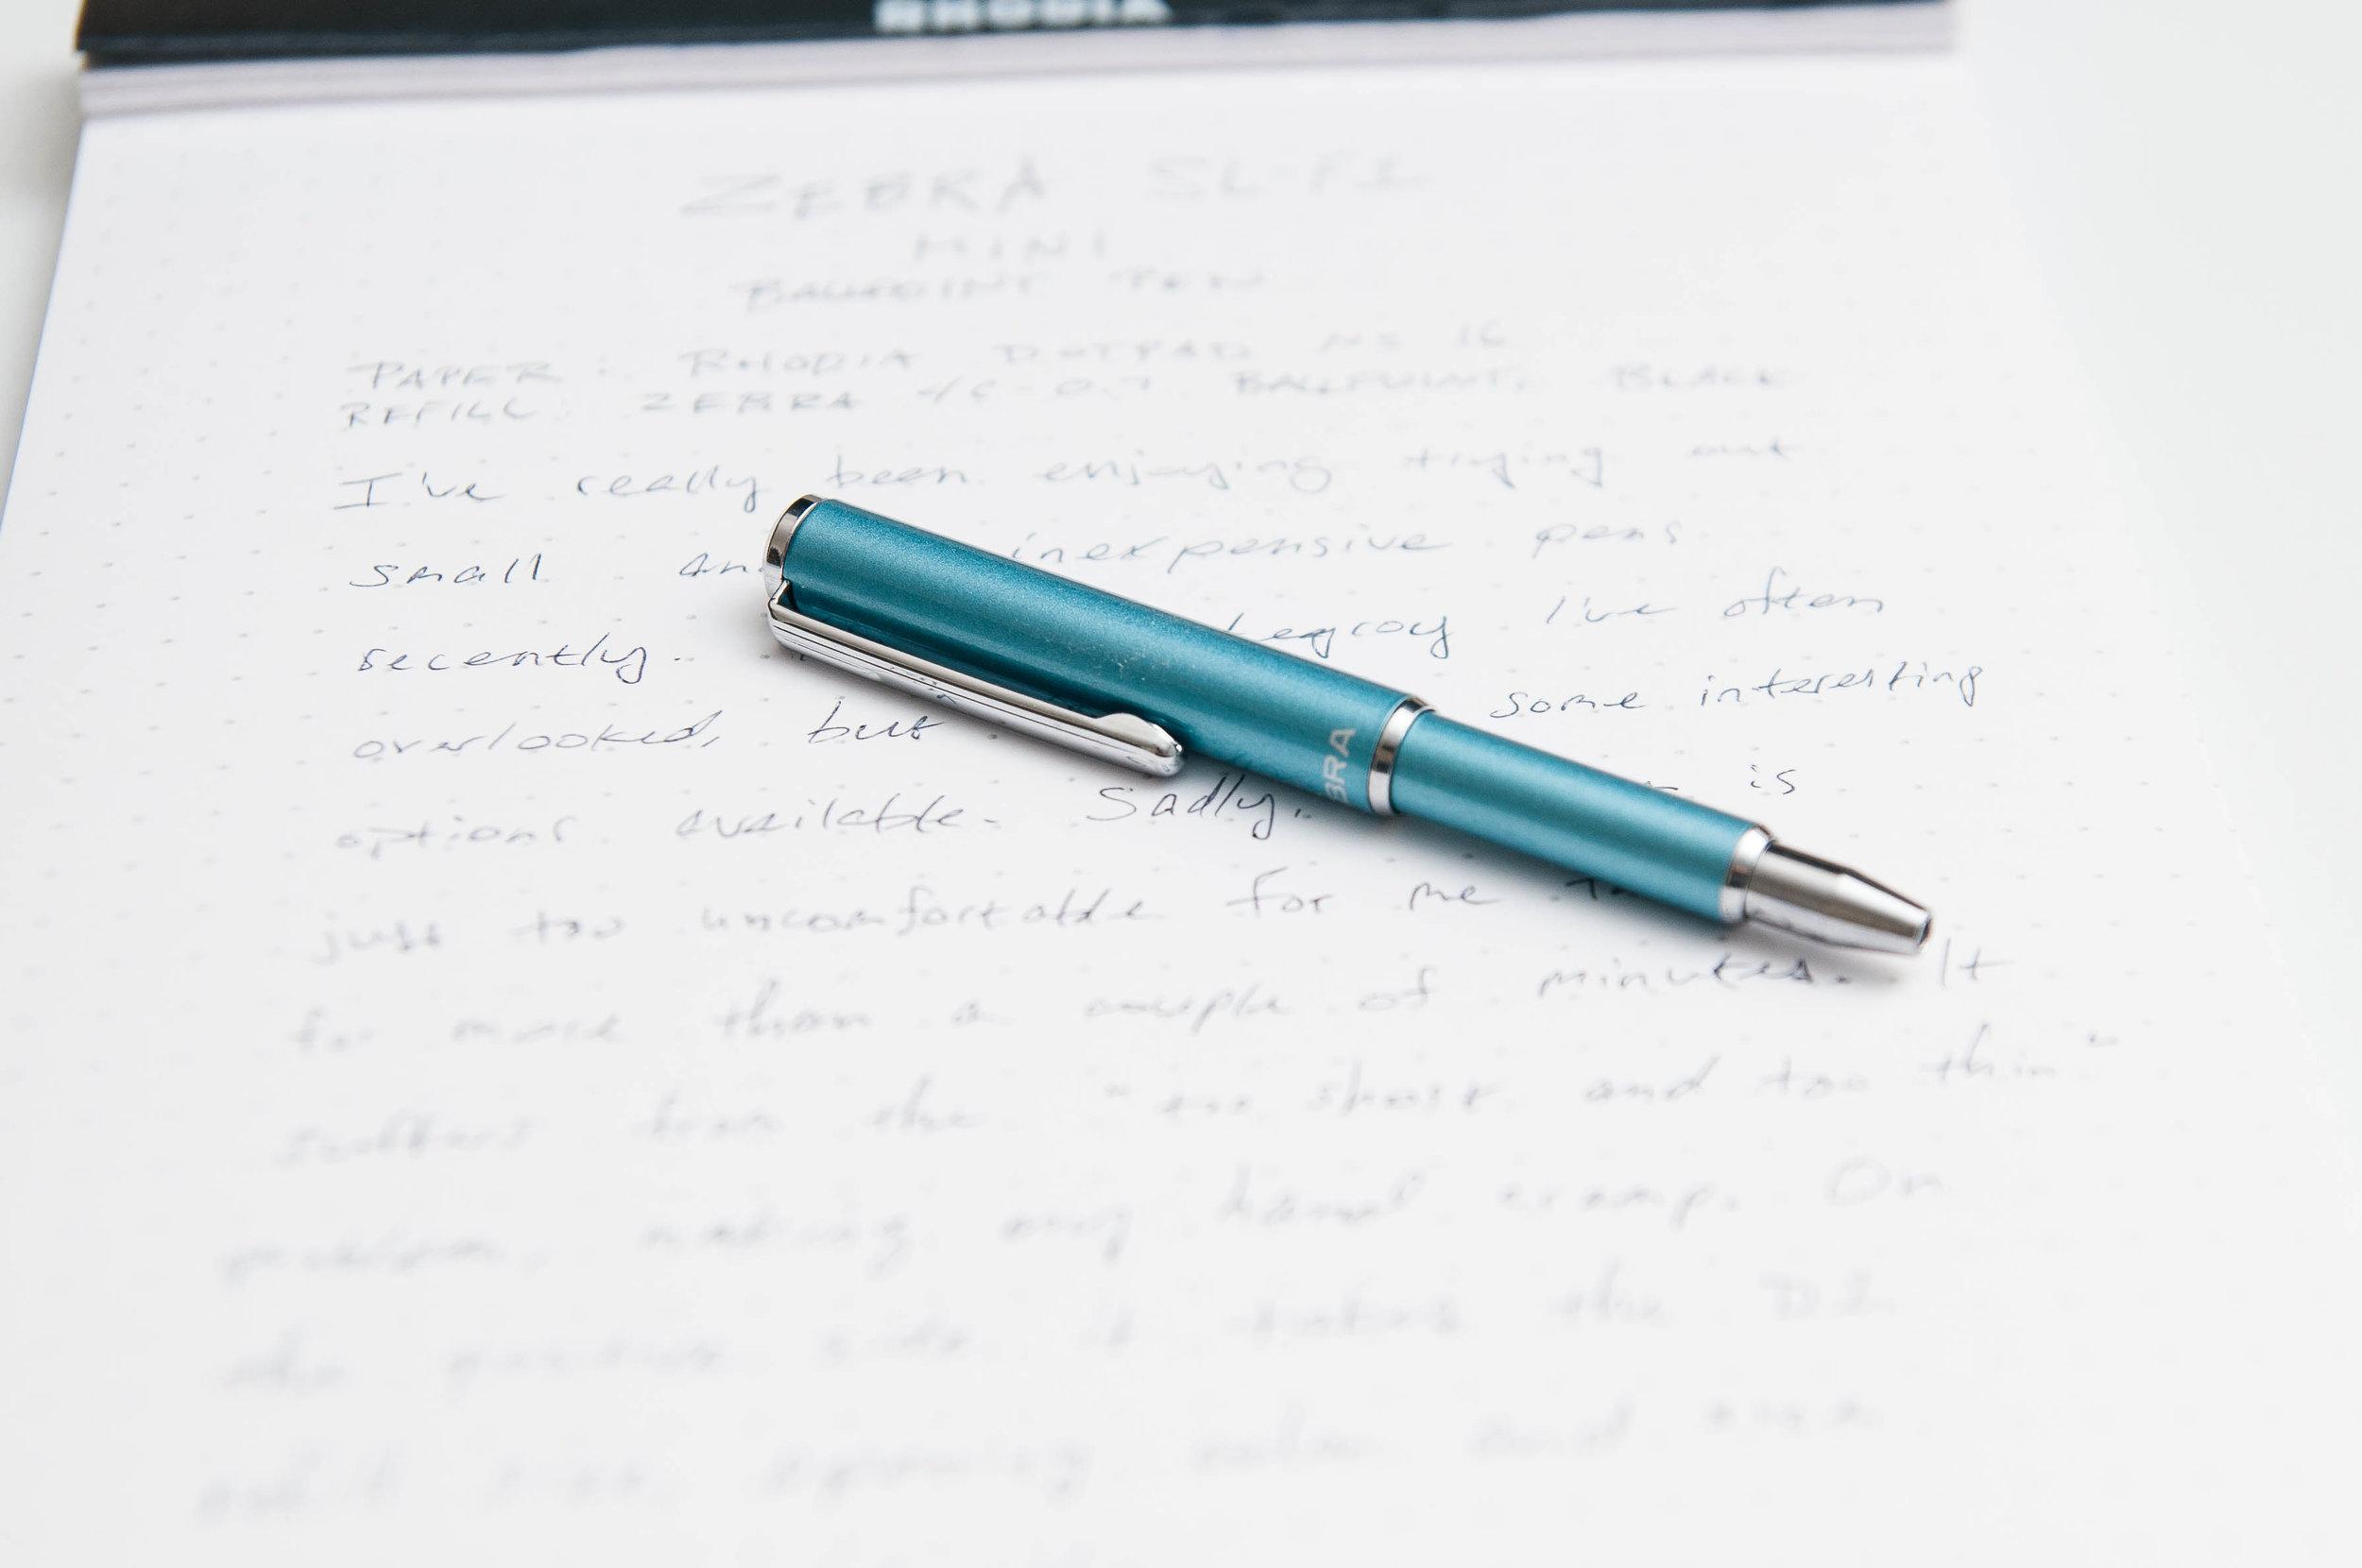 Zebra SL-F1 Mini Ballpoint Pen Review